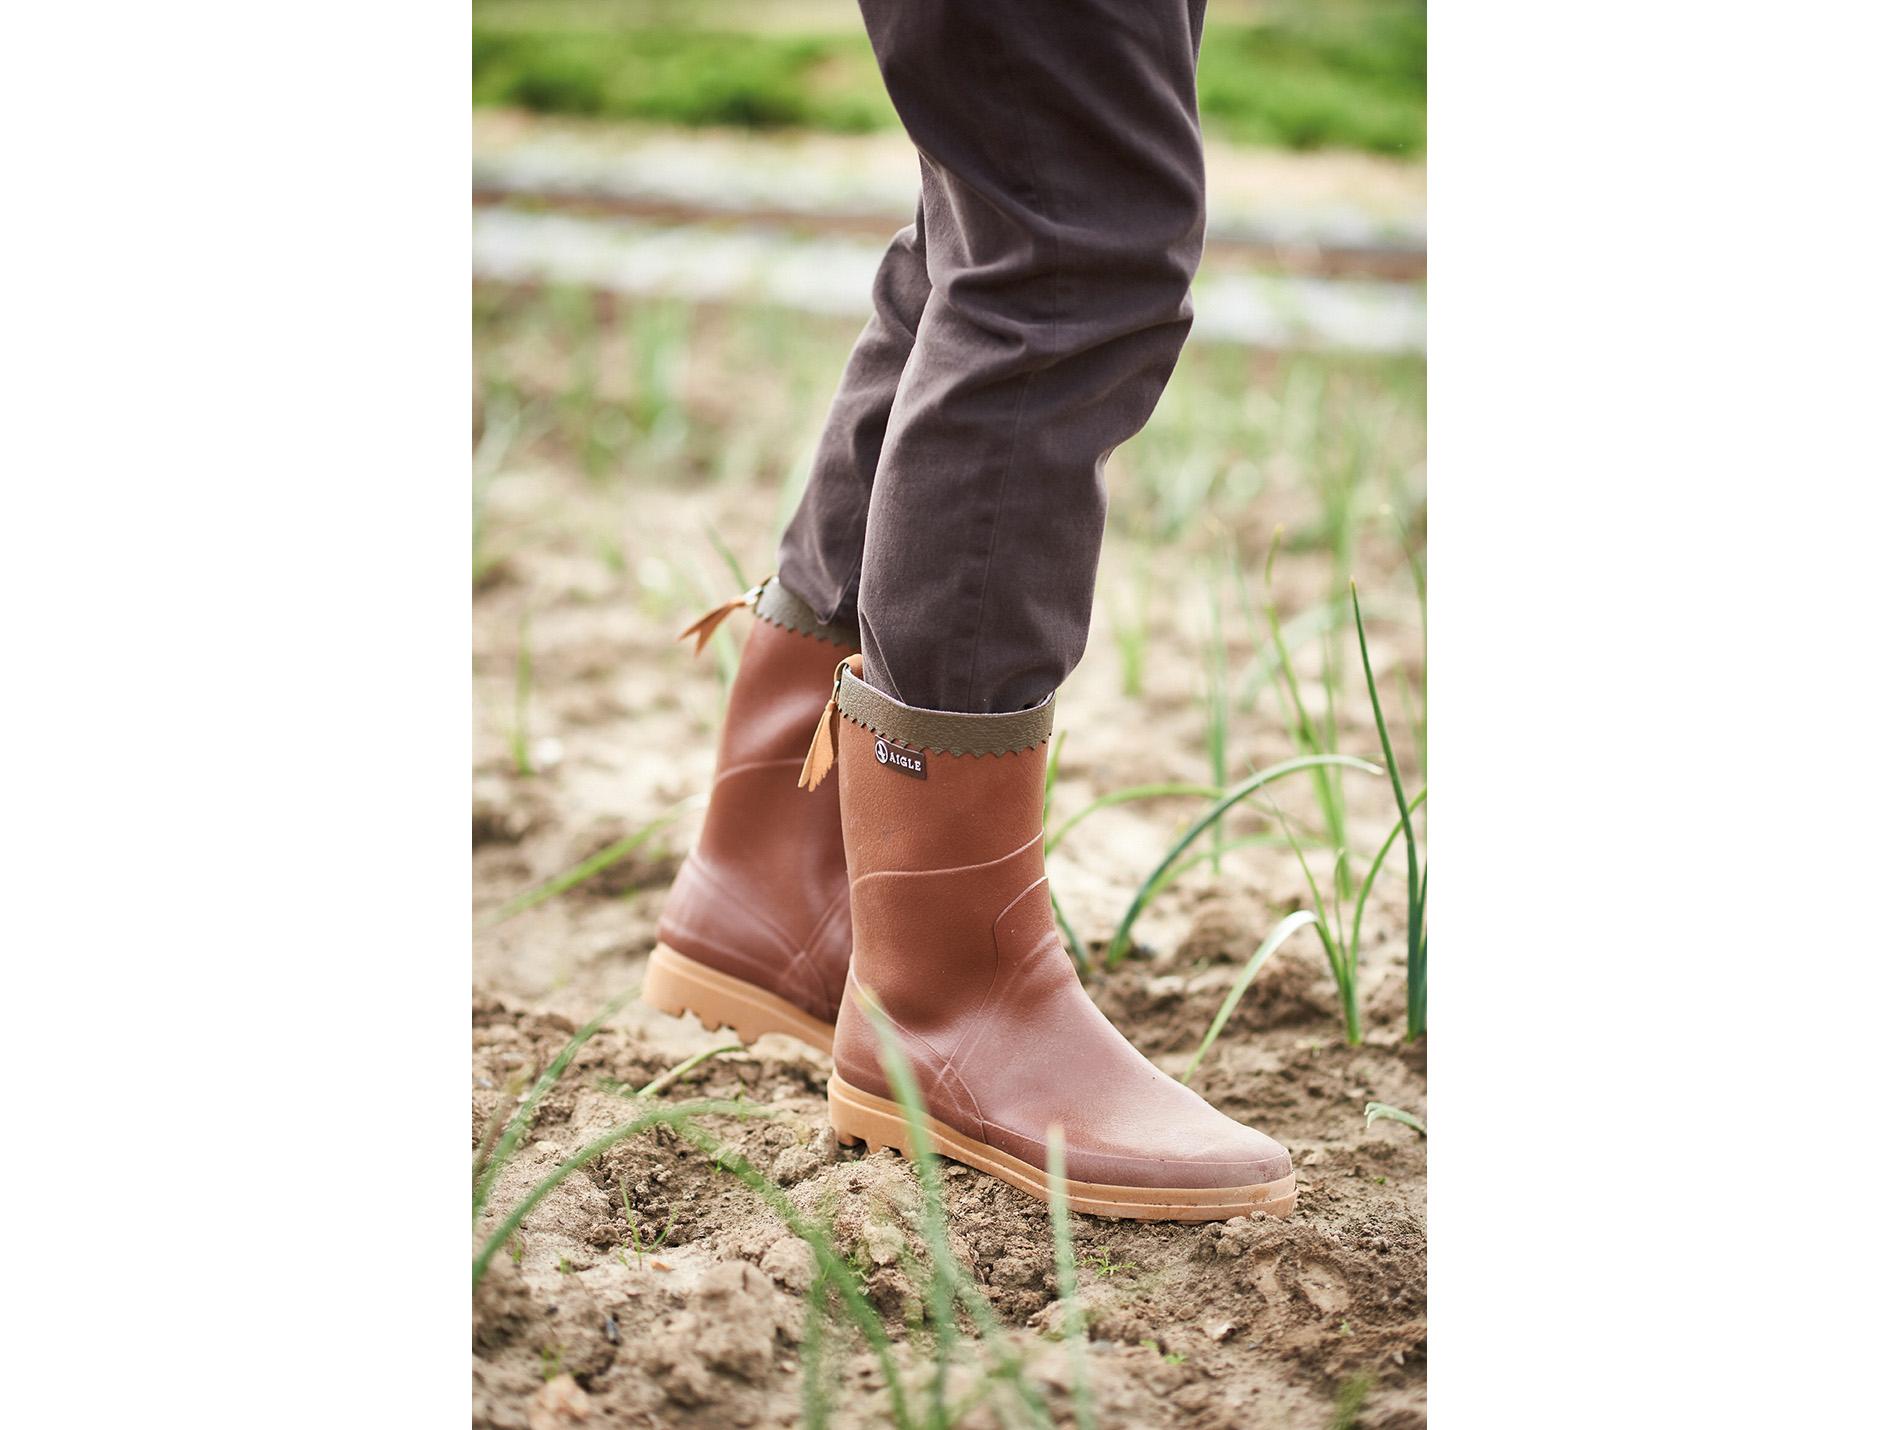 magasin d'usine 080bb 58997 Bison De Chaussures Bottes Homme Mi Aigle Travail J3cK1lFT